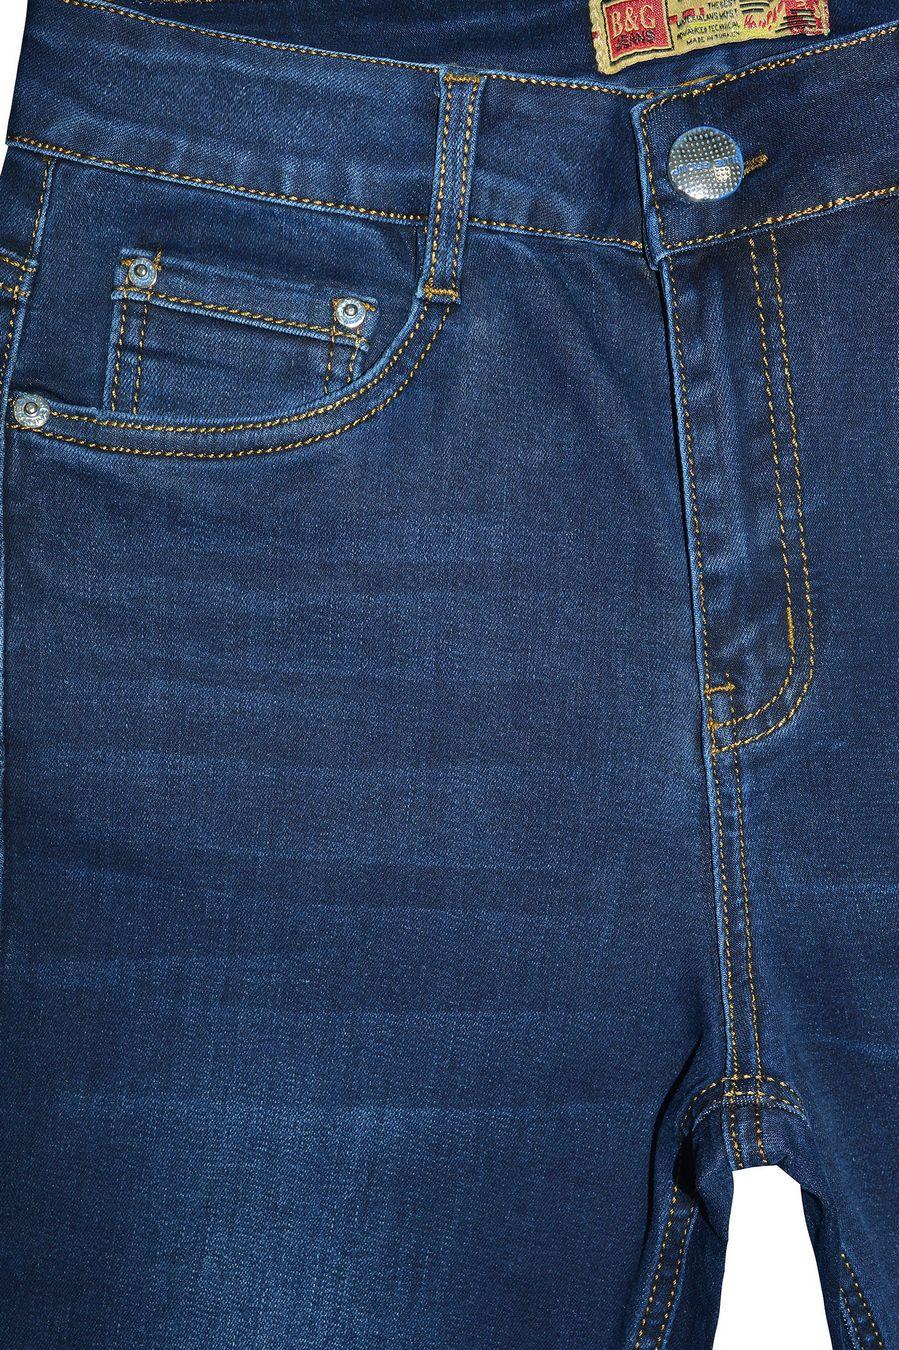 Джинсы женские Blue Group 7424 - фото 3